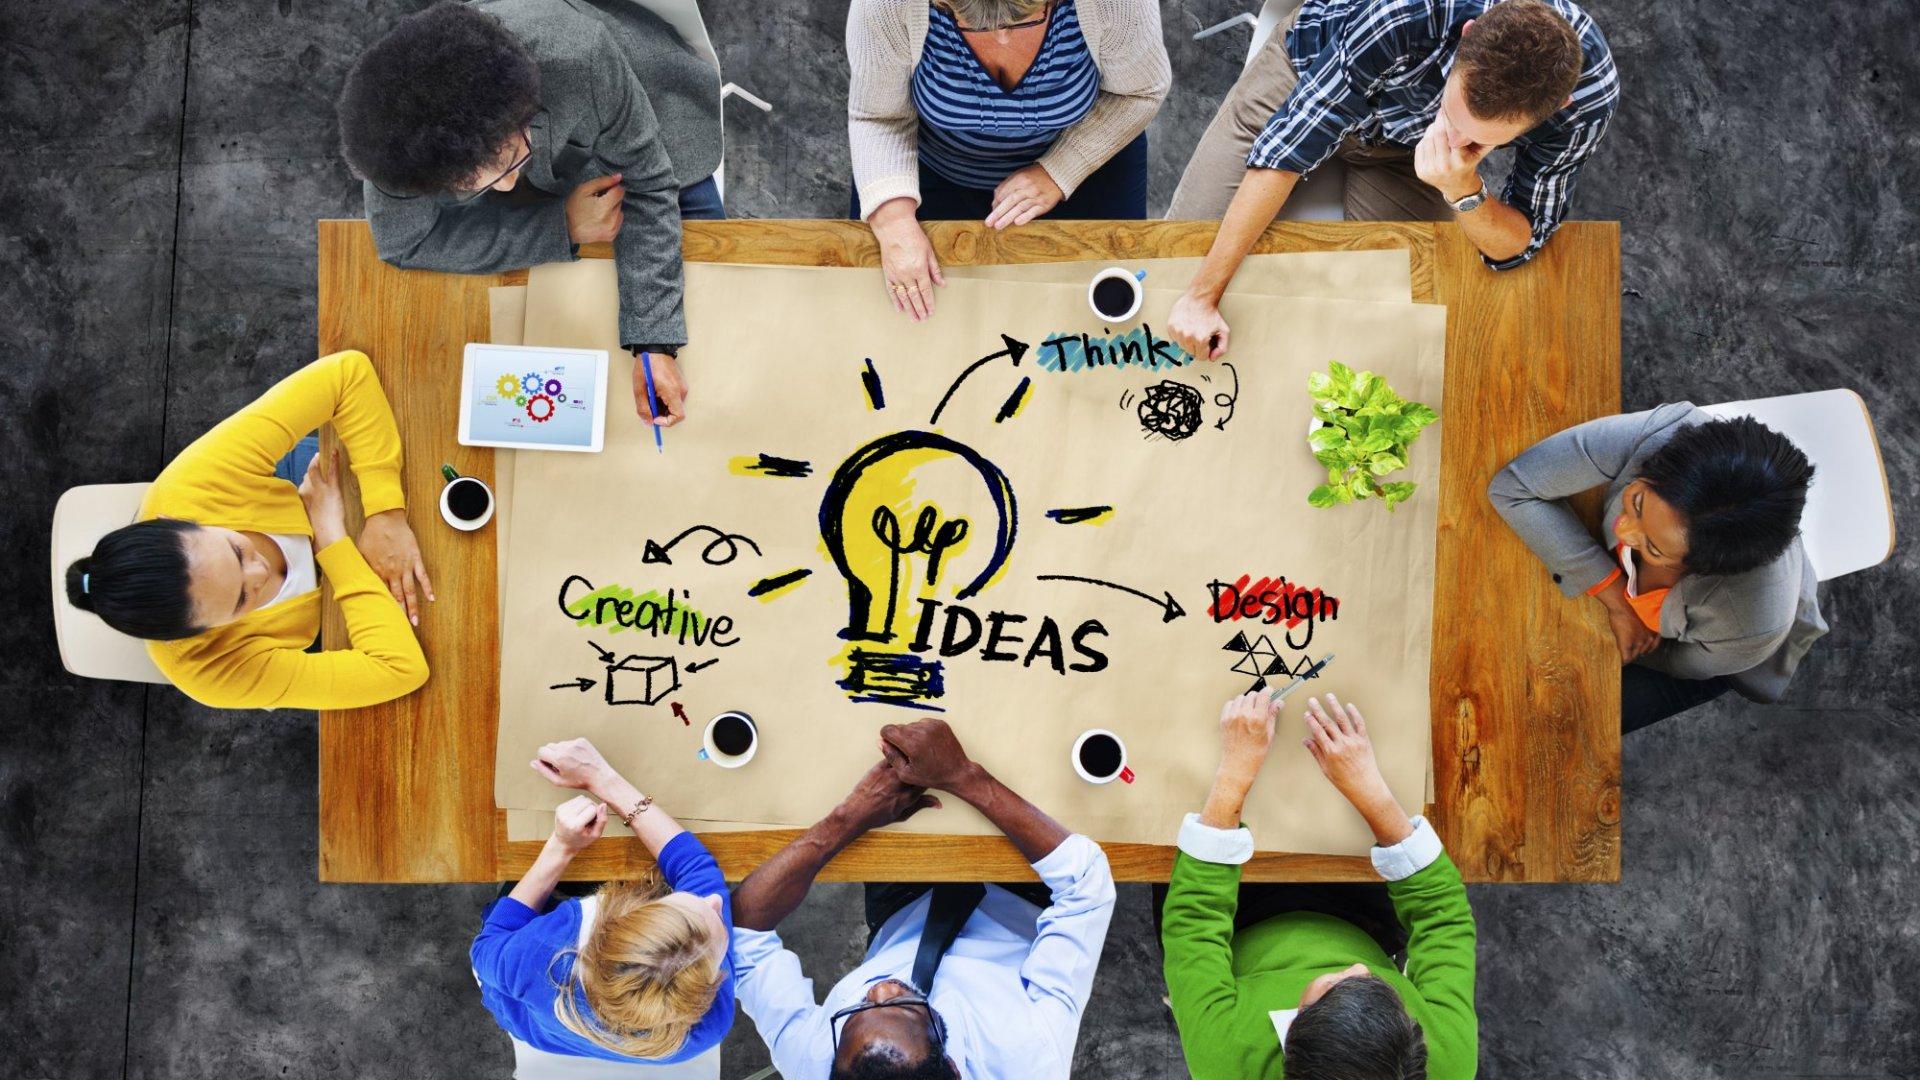 Millennials spark ideas